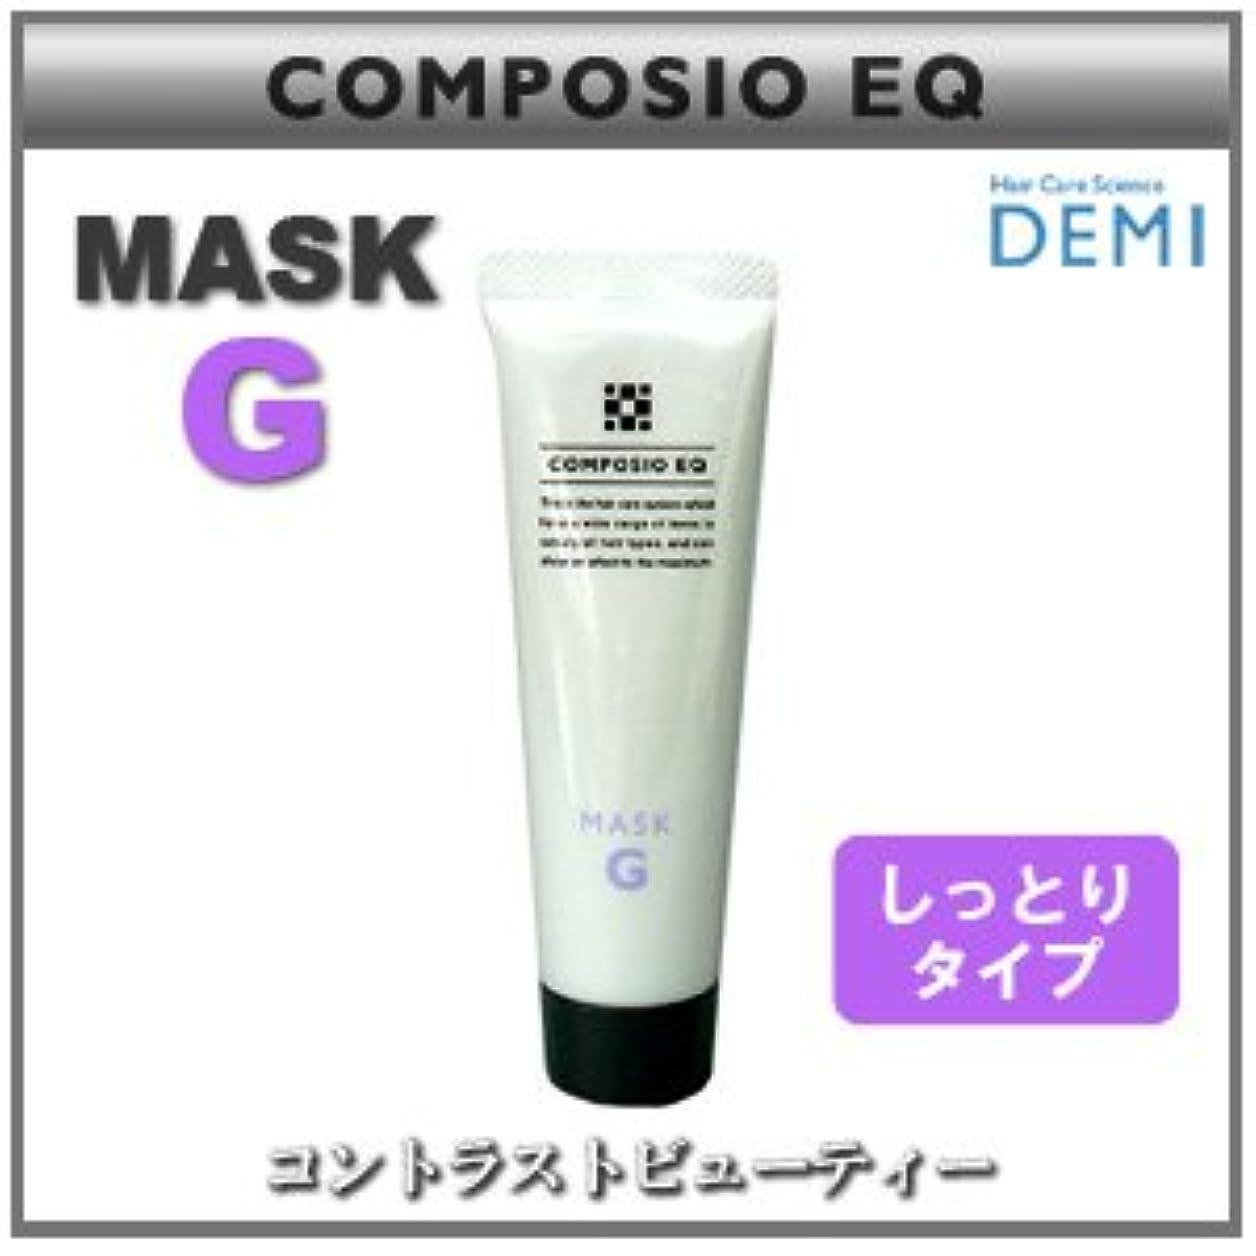 控えめな紳士気取りの、きざなエラー【X2個セット】 デミ コンポジオ EQ マスク G 50g